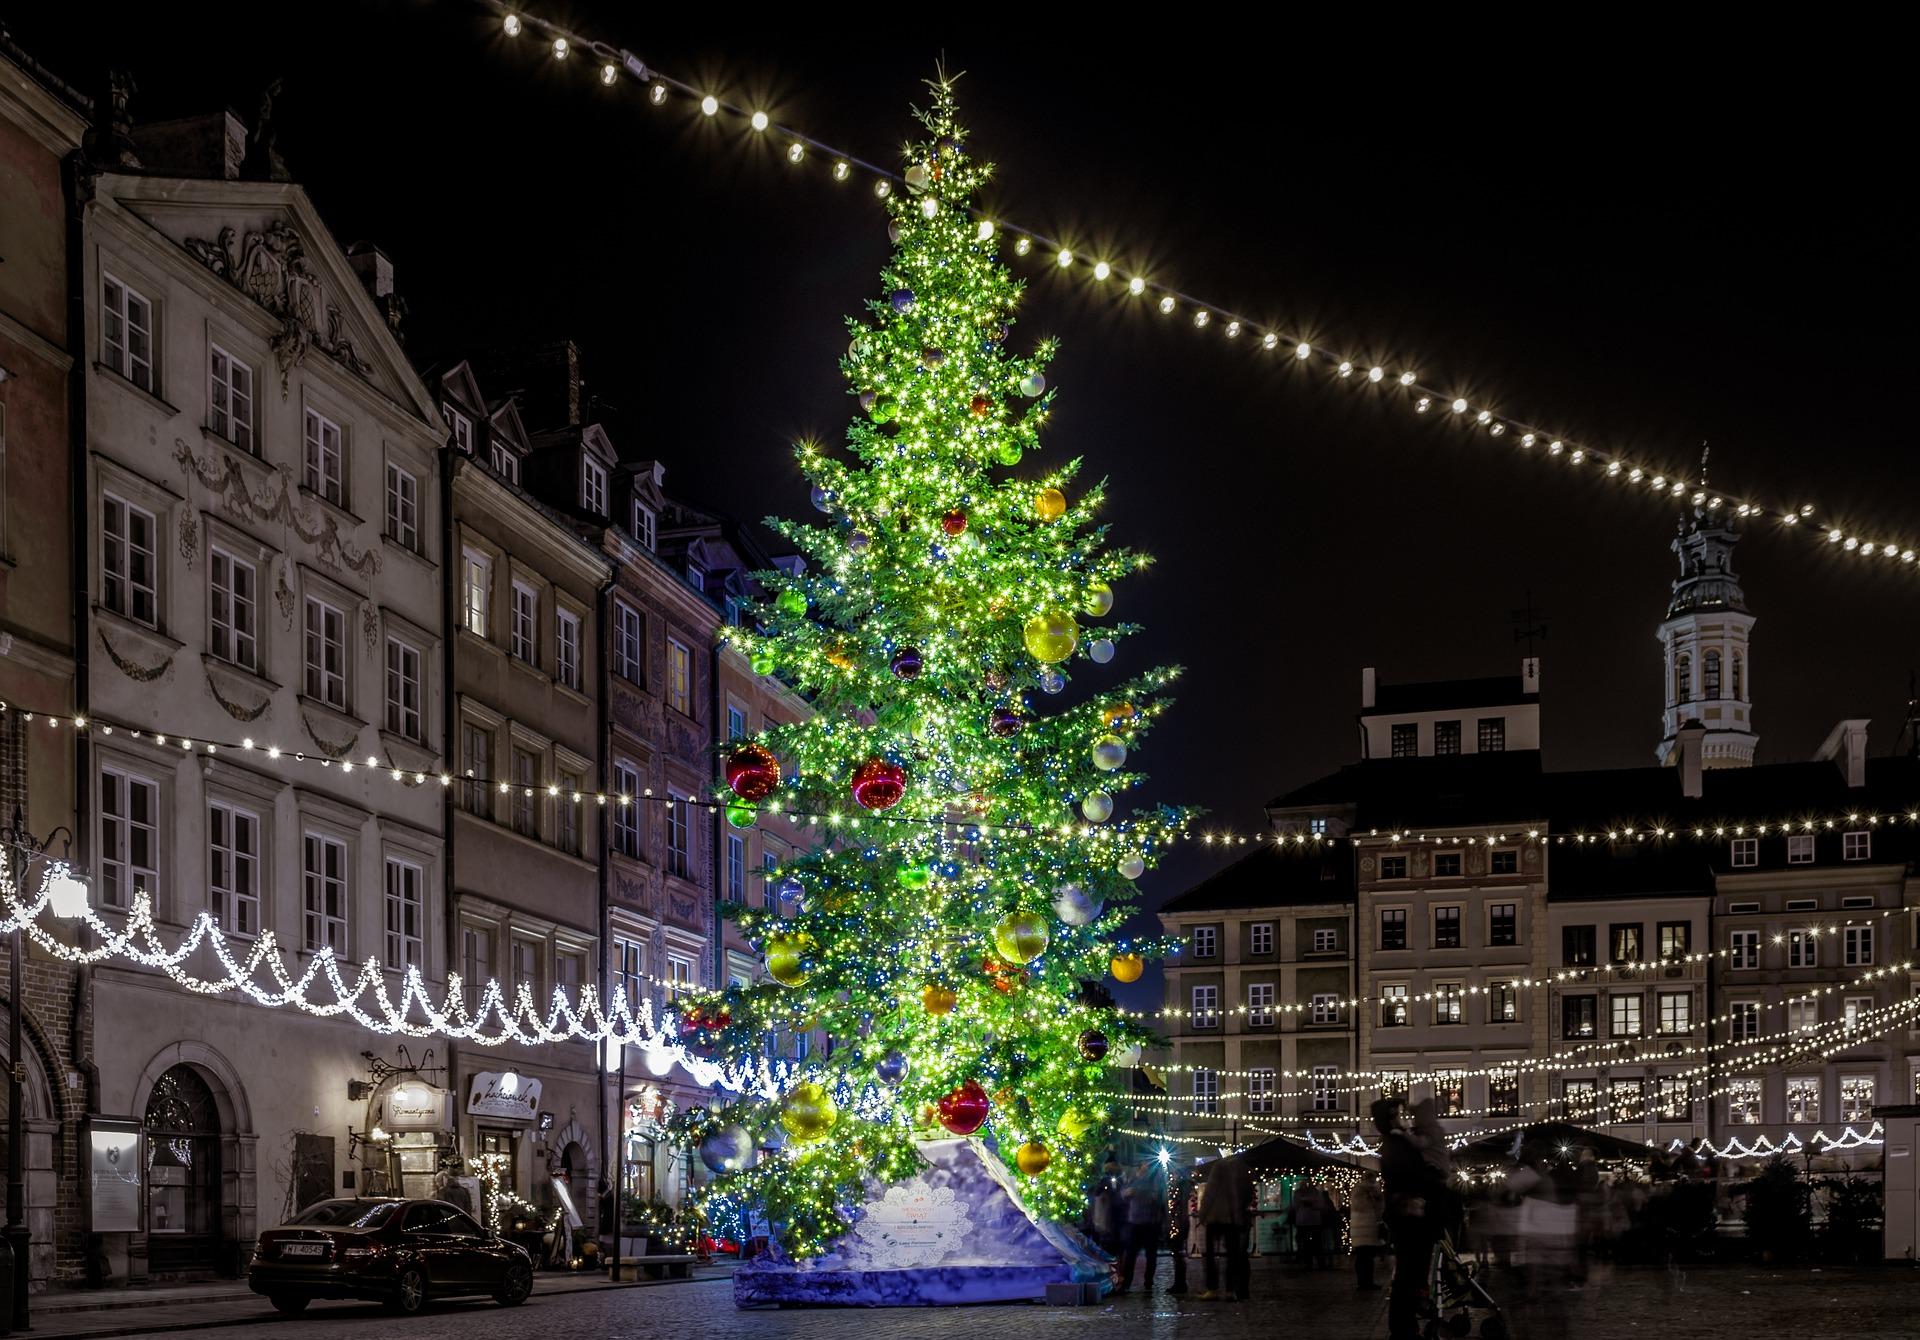 árbol de navidad-3881255_1920